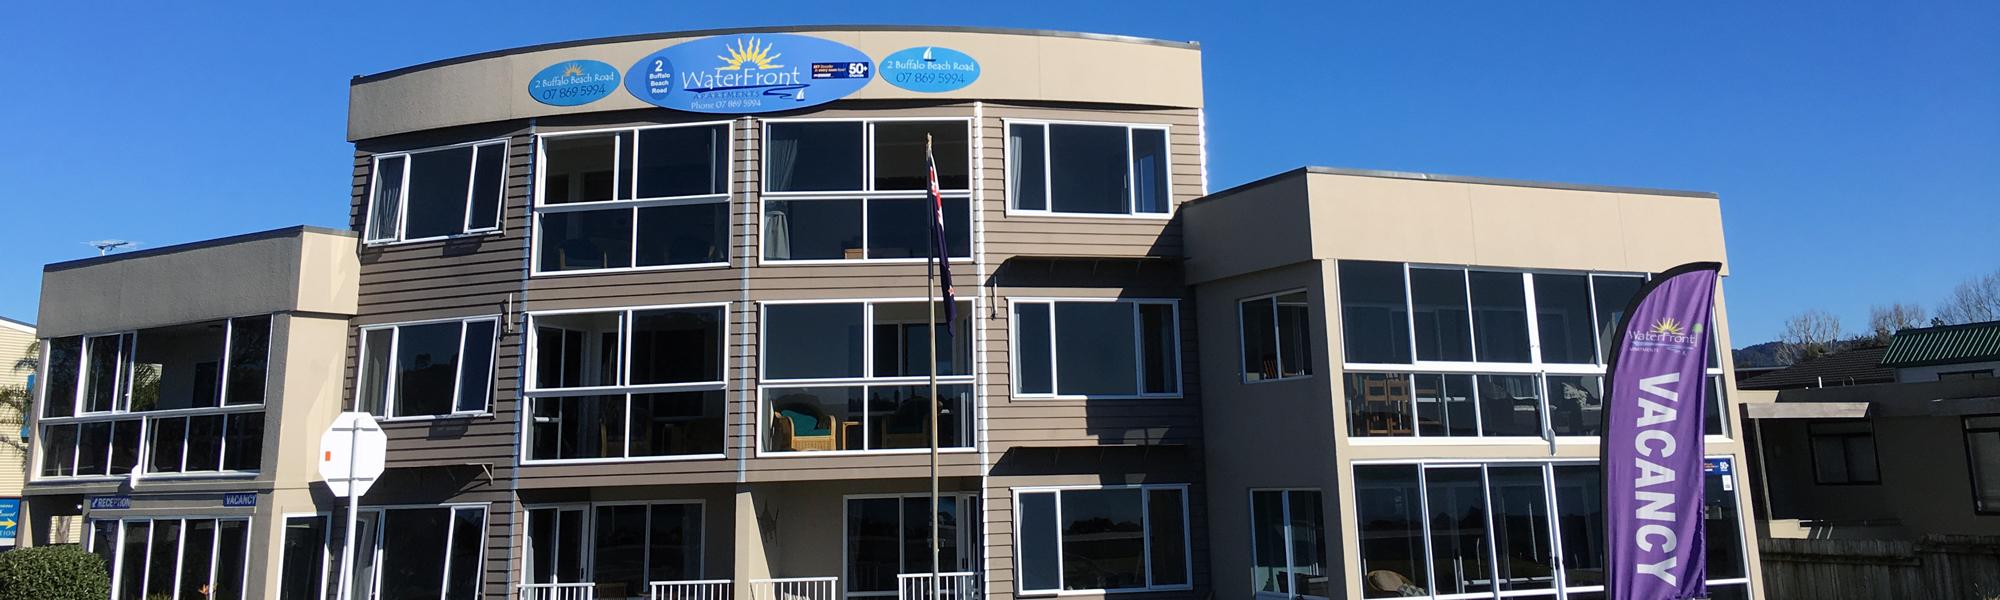 Whitianga holiday accomodation, Wedding accomodation NZ